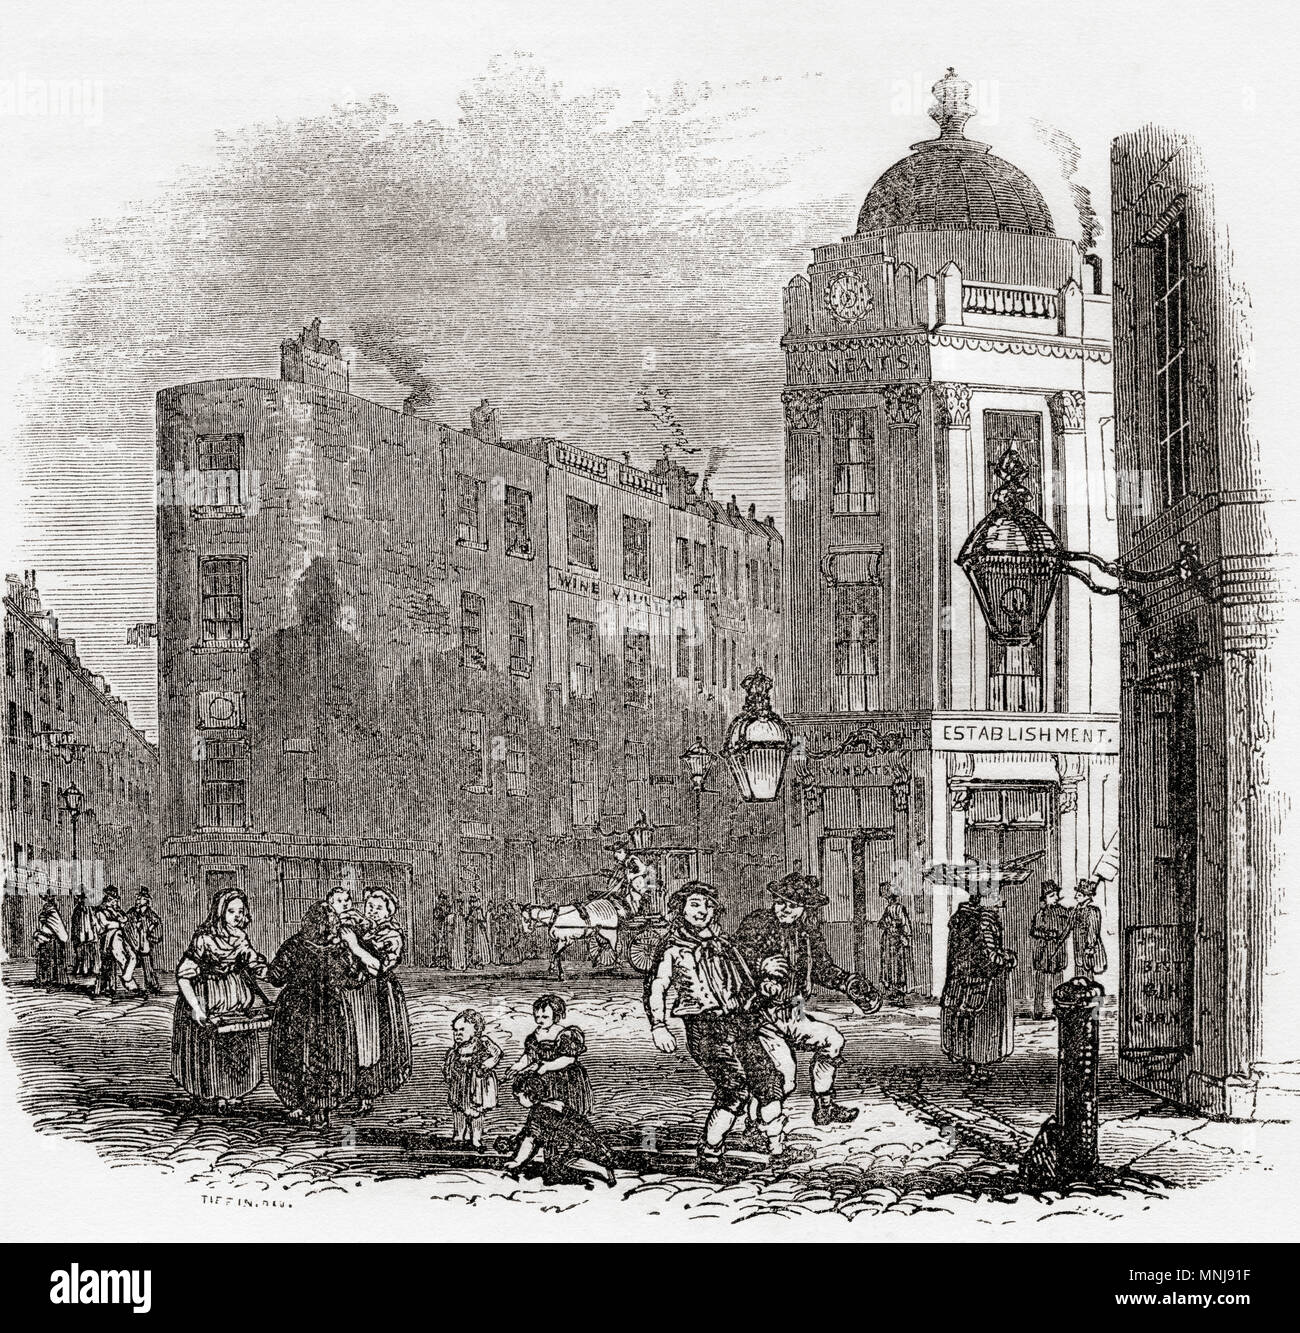 Seven Dials, West End di Londra, Inghilterra, visto qui all'inizio del XIX secolo. Da Vecchia Inghilterra: un museo pittorico, pubblicato nel 1847. Immagini Stock